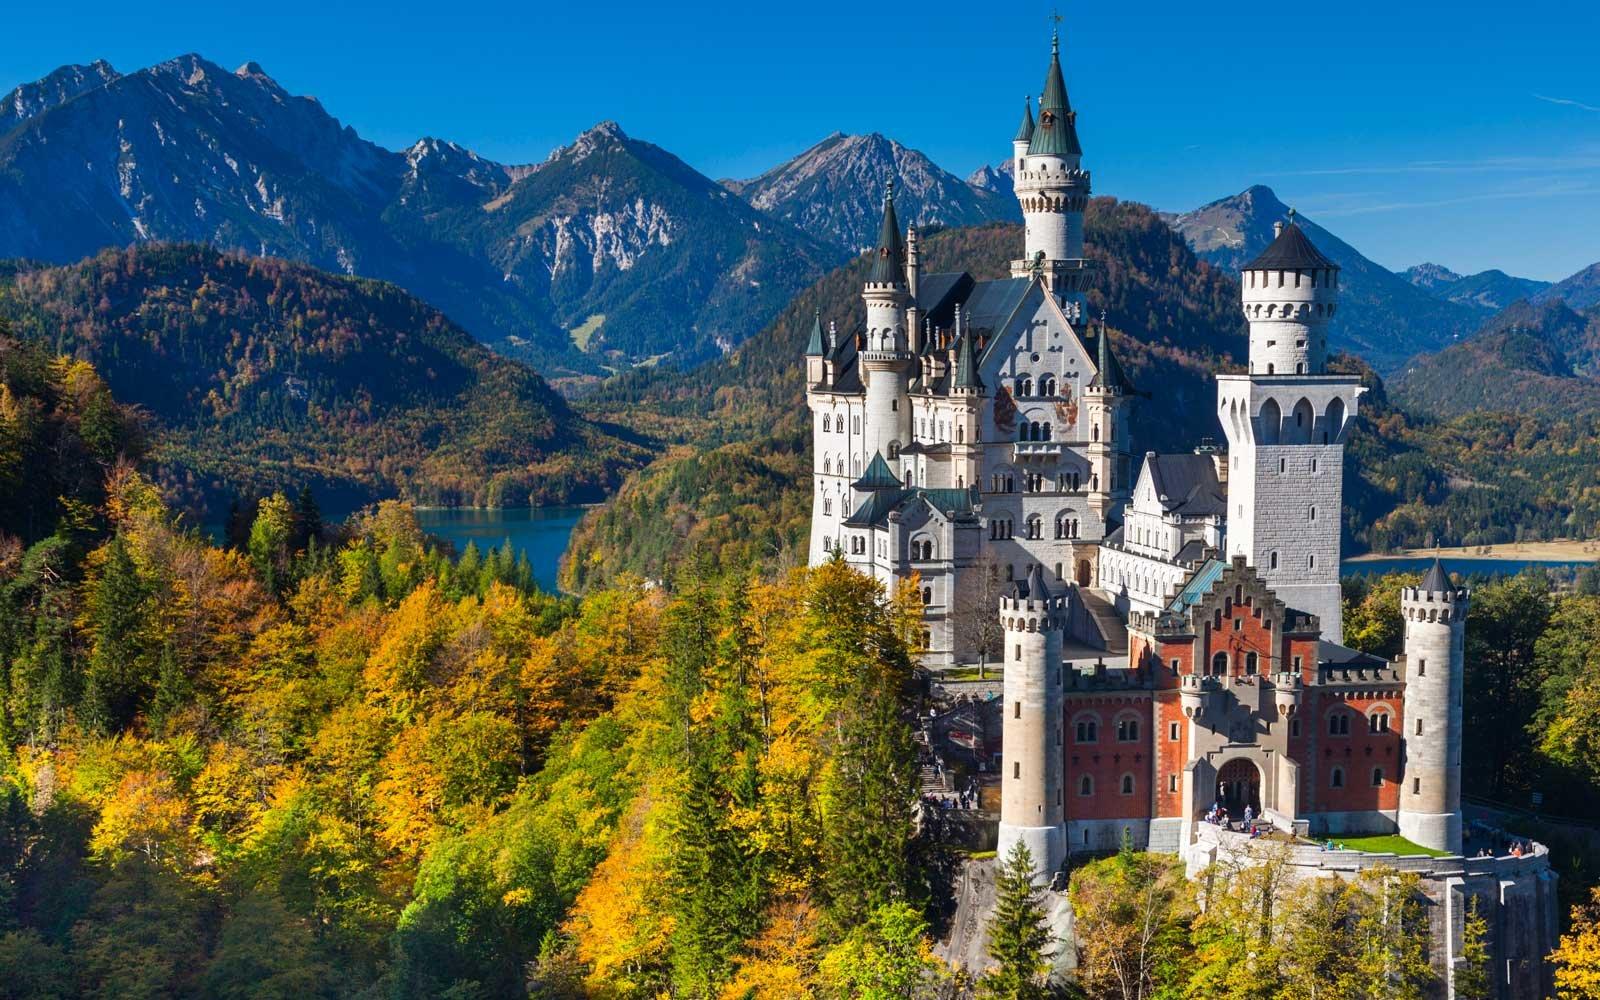 01-neuschwanstein-castle-bavaria Үхэхээсээ өмнө үзэх ёстой дэлхийн хамгийн гайхалтай 21 цайз, шилтгээн